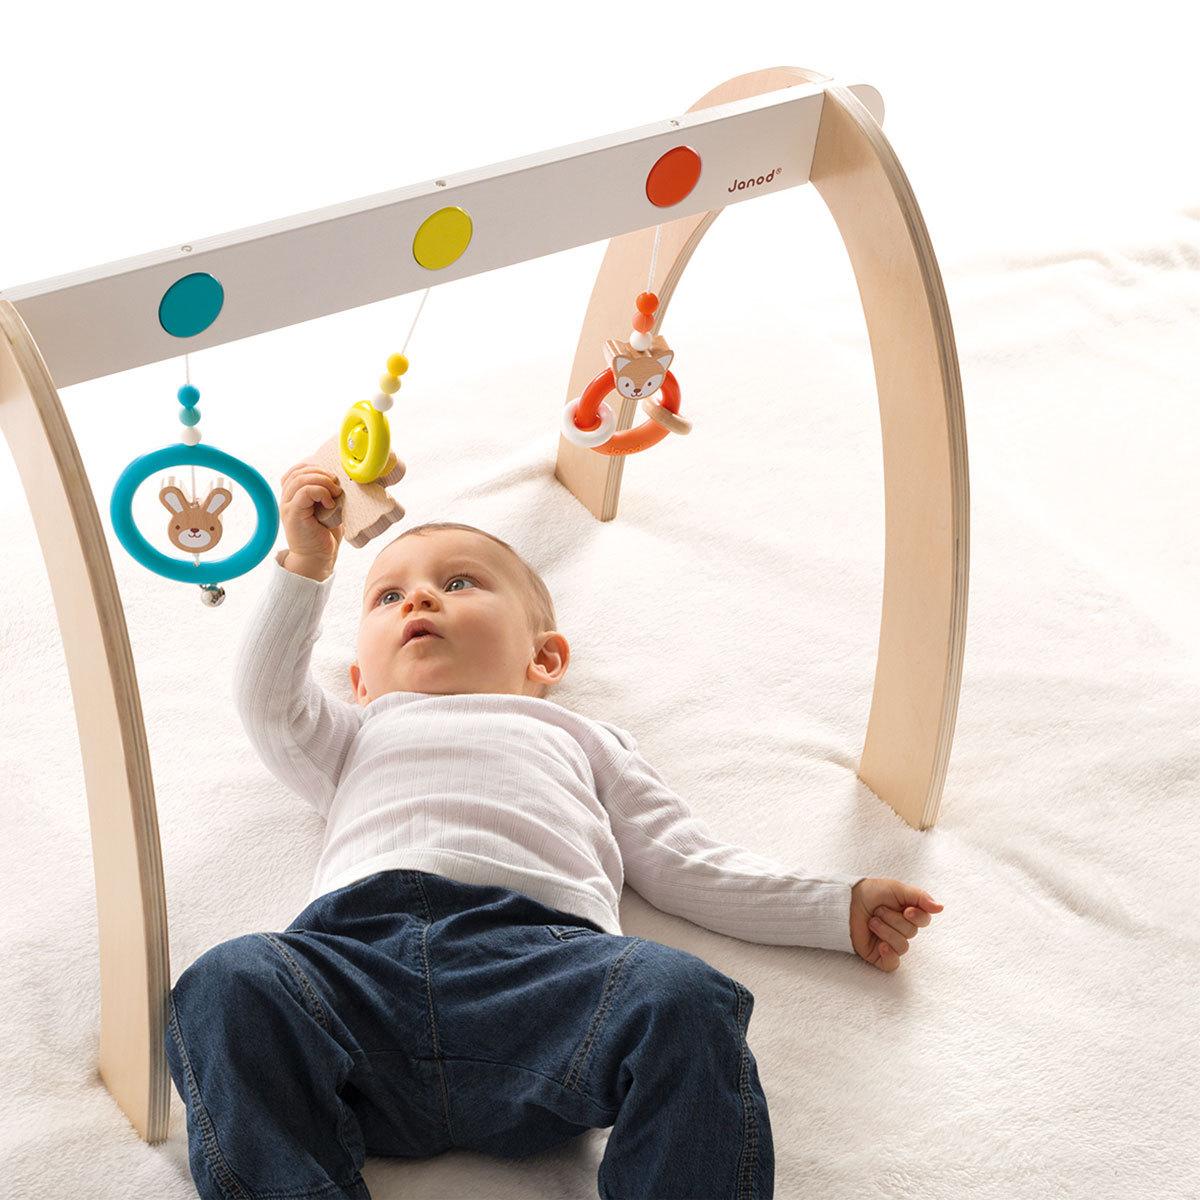 janod portique d 39 activit s baby pop arche janod sur l 39 armoire de b b. Black Bedroom Furniture Sets. Home Design Ideas